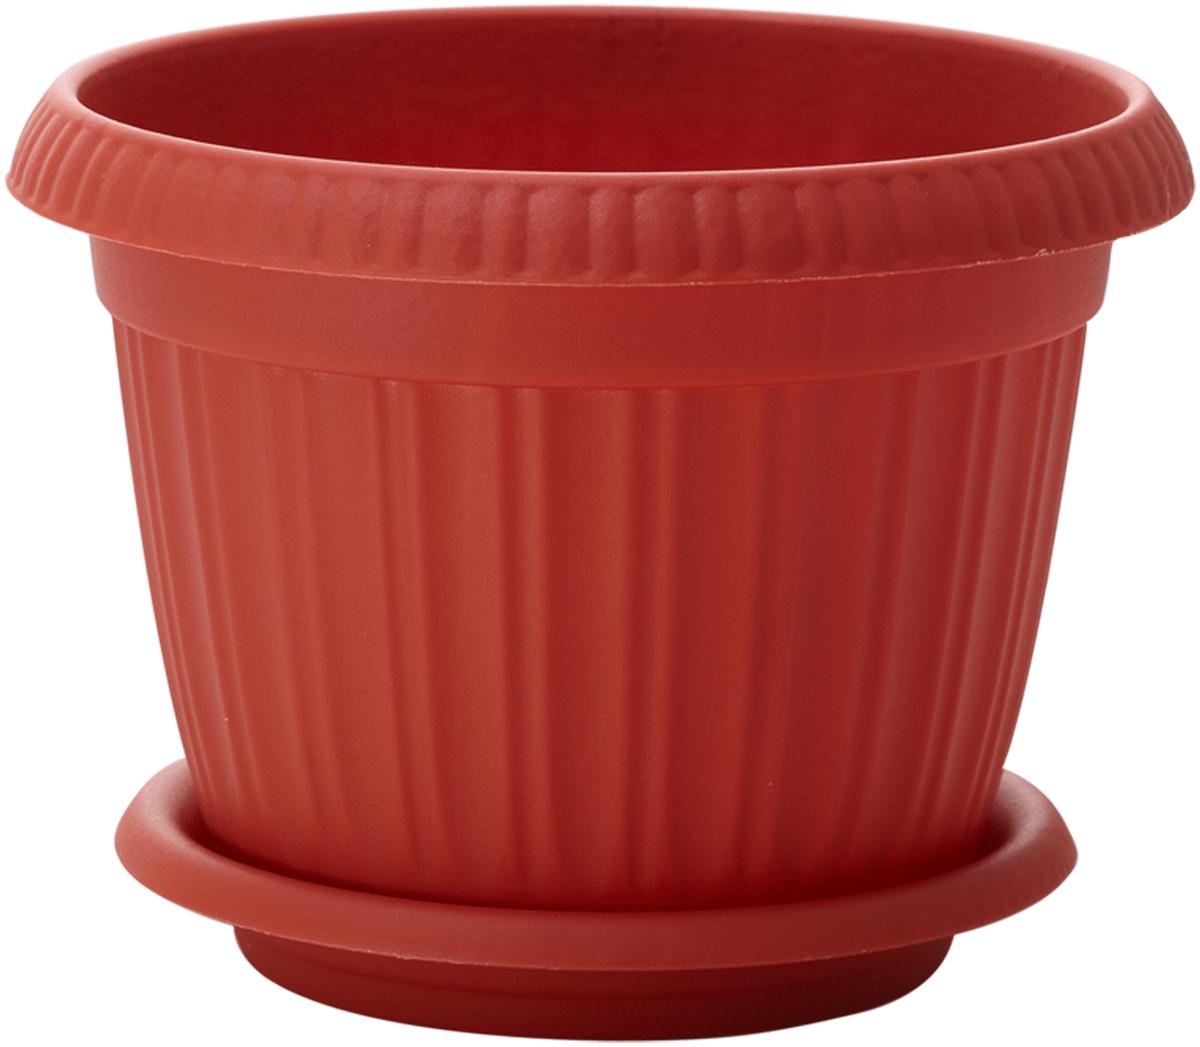 Горшок для цветов InGreen Таити, с подставкой, цвет: терракотовый, диаметр 42 смING41042FТРГоршок InGreen Таити, выполненный из высококачественного полипропилена (пластика), предназначен для выращивания комнатных цветов, растений и трав. Специальная конструкция обеспечивает вентиляцию в корневой системе растения, а дренажные отверстия позволяют выходить лишней влаге из почвы. Такой горшок порадует вас современным дизайном и функциональностью, а также оригинально украсит интерьер любого помещения. Диаметр горшка (по верхнему краю): 42 см. Высота горшка: 31,5 см.